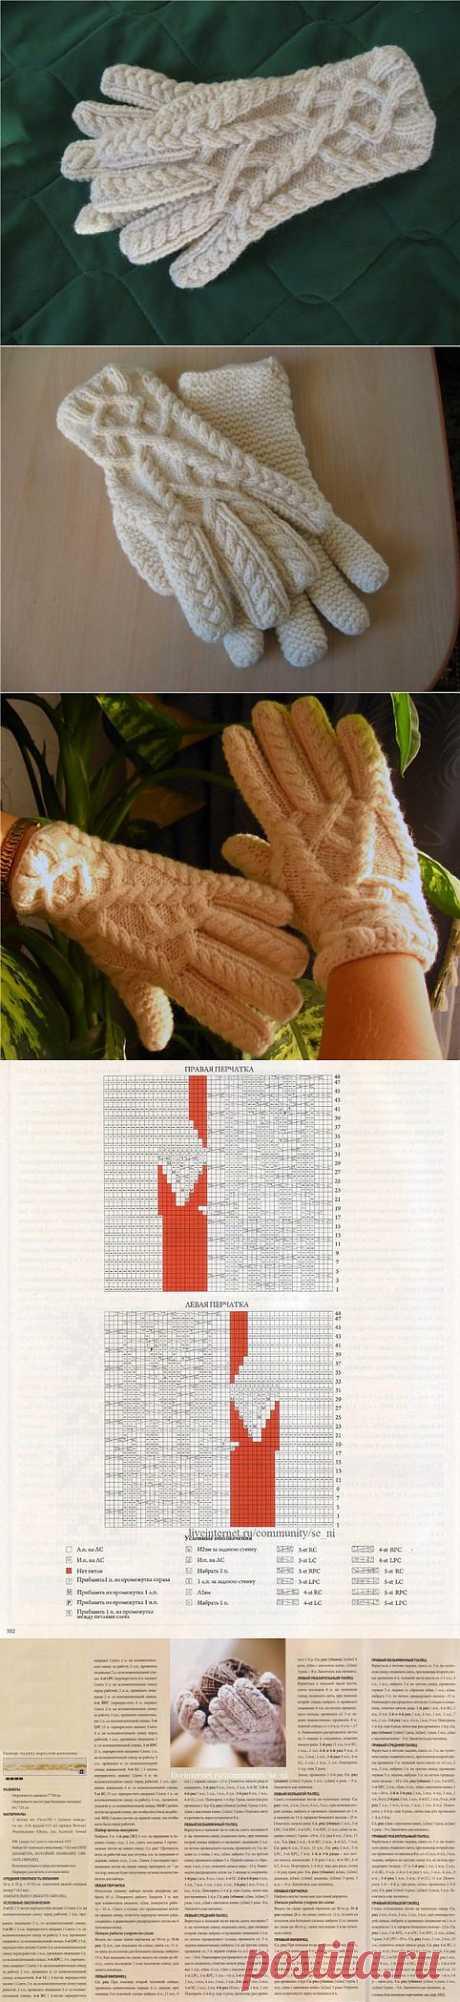 Замечательные перчатки, дизайнера - Джареда Флада..